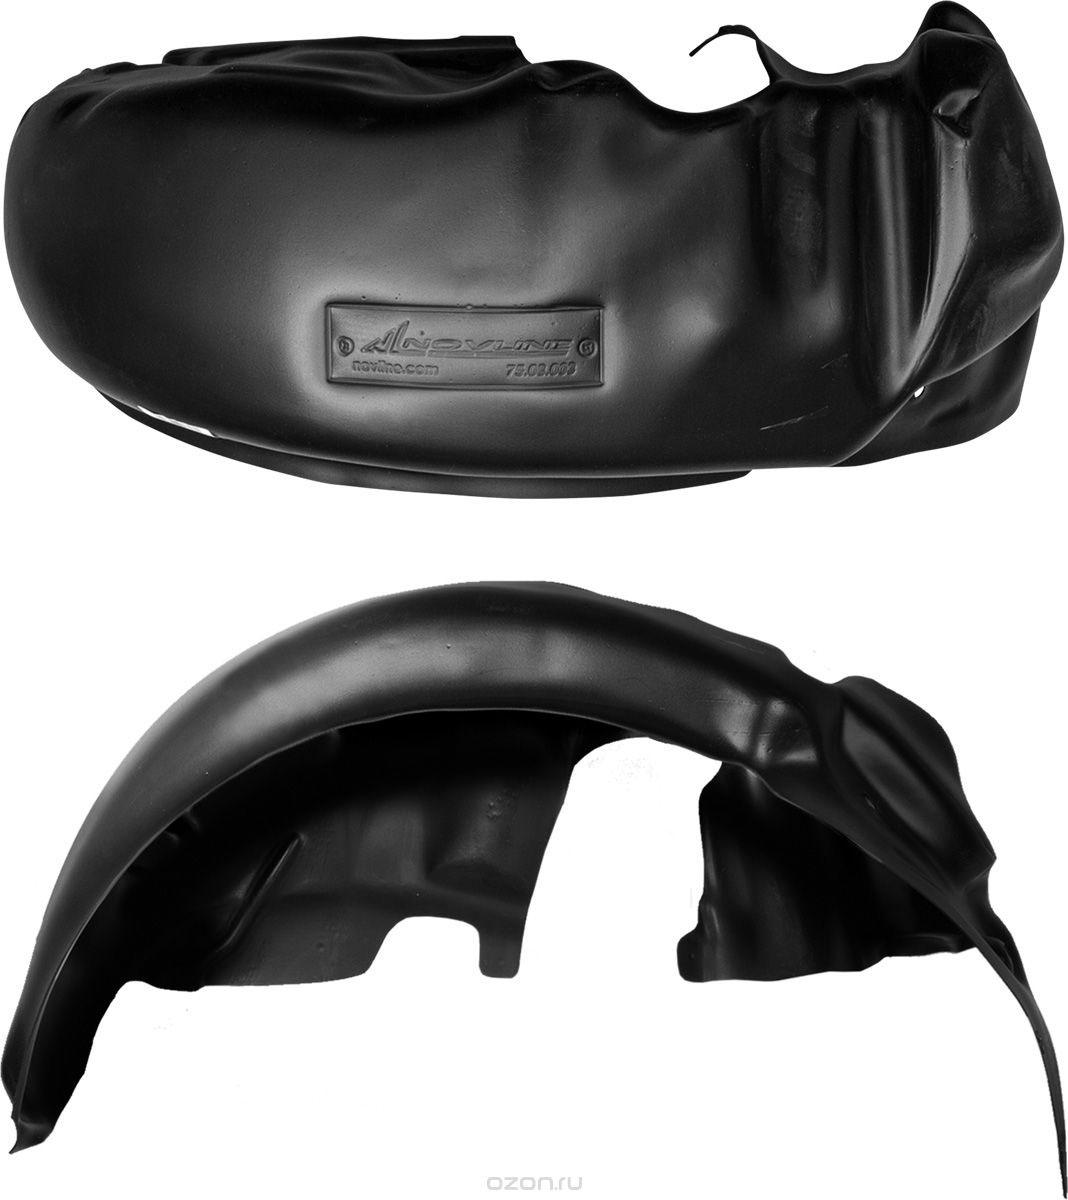 Подкрылок Novline-Autofamily, для Toyota Hilux, 09/2015->, пикап, передний левыйNLL.48.62.001Идеальная защита колесной ниши. Локеры разработаны с применением цифровых технологий, гарантируют максимальную повторяемость поверхности арки. Изделия устанавливаются без нарушения лакокрасочного покрытия автомобиля, каждый подкрылок комплектуется крепежом. Уважаемые клиенты, обращаем ваше внимание, что фотографии на подкрылки универсальные и не отражают реальную форму изделия. При этом само изделие идет точно под размер указанного автомобиля.